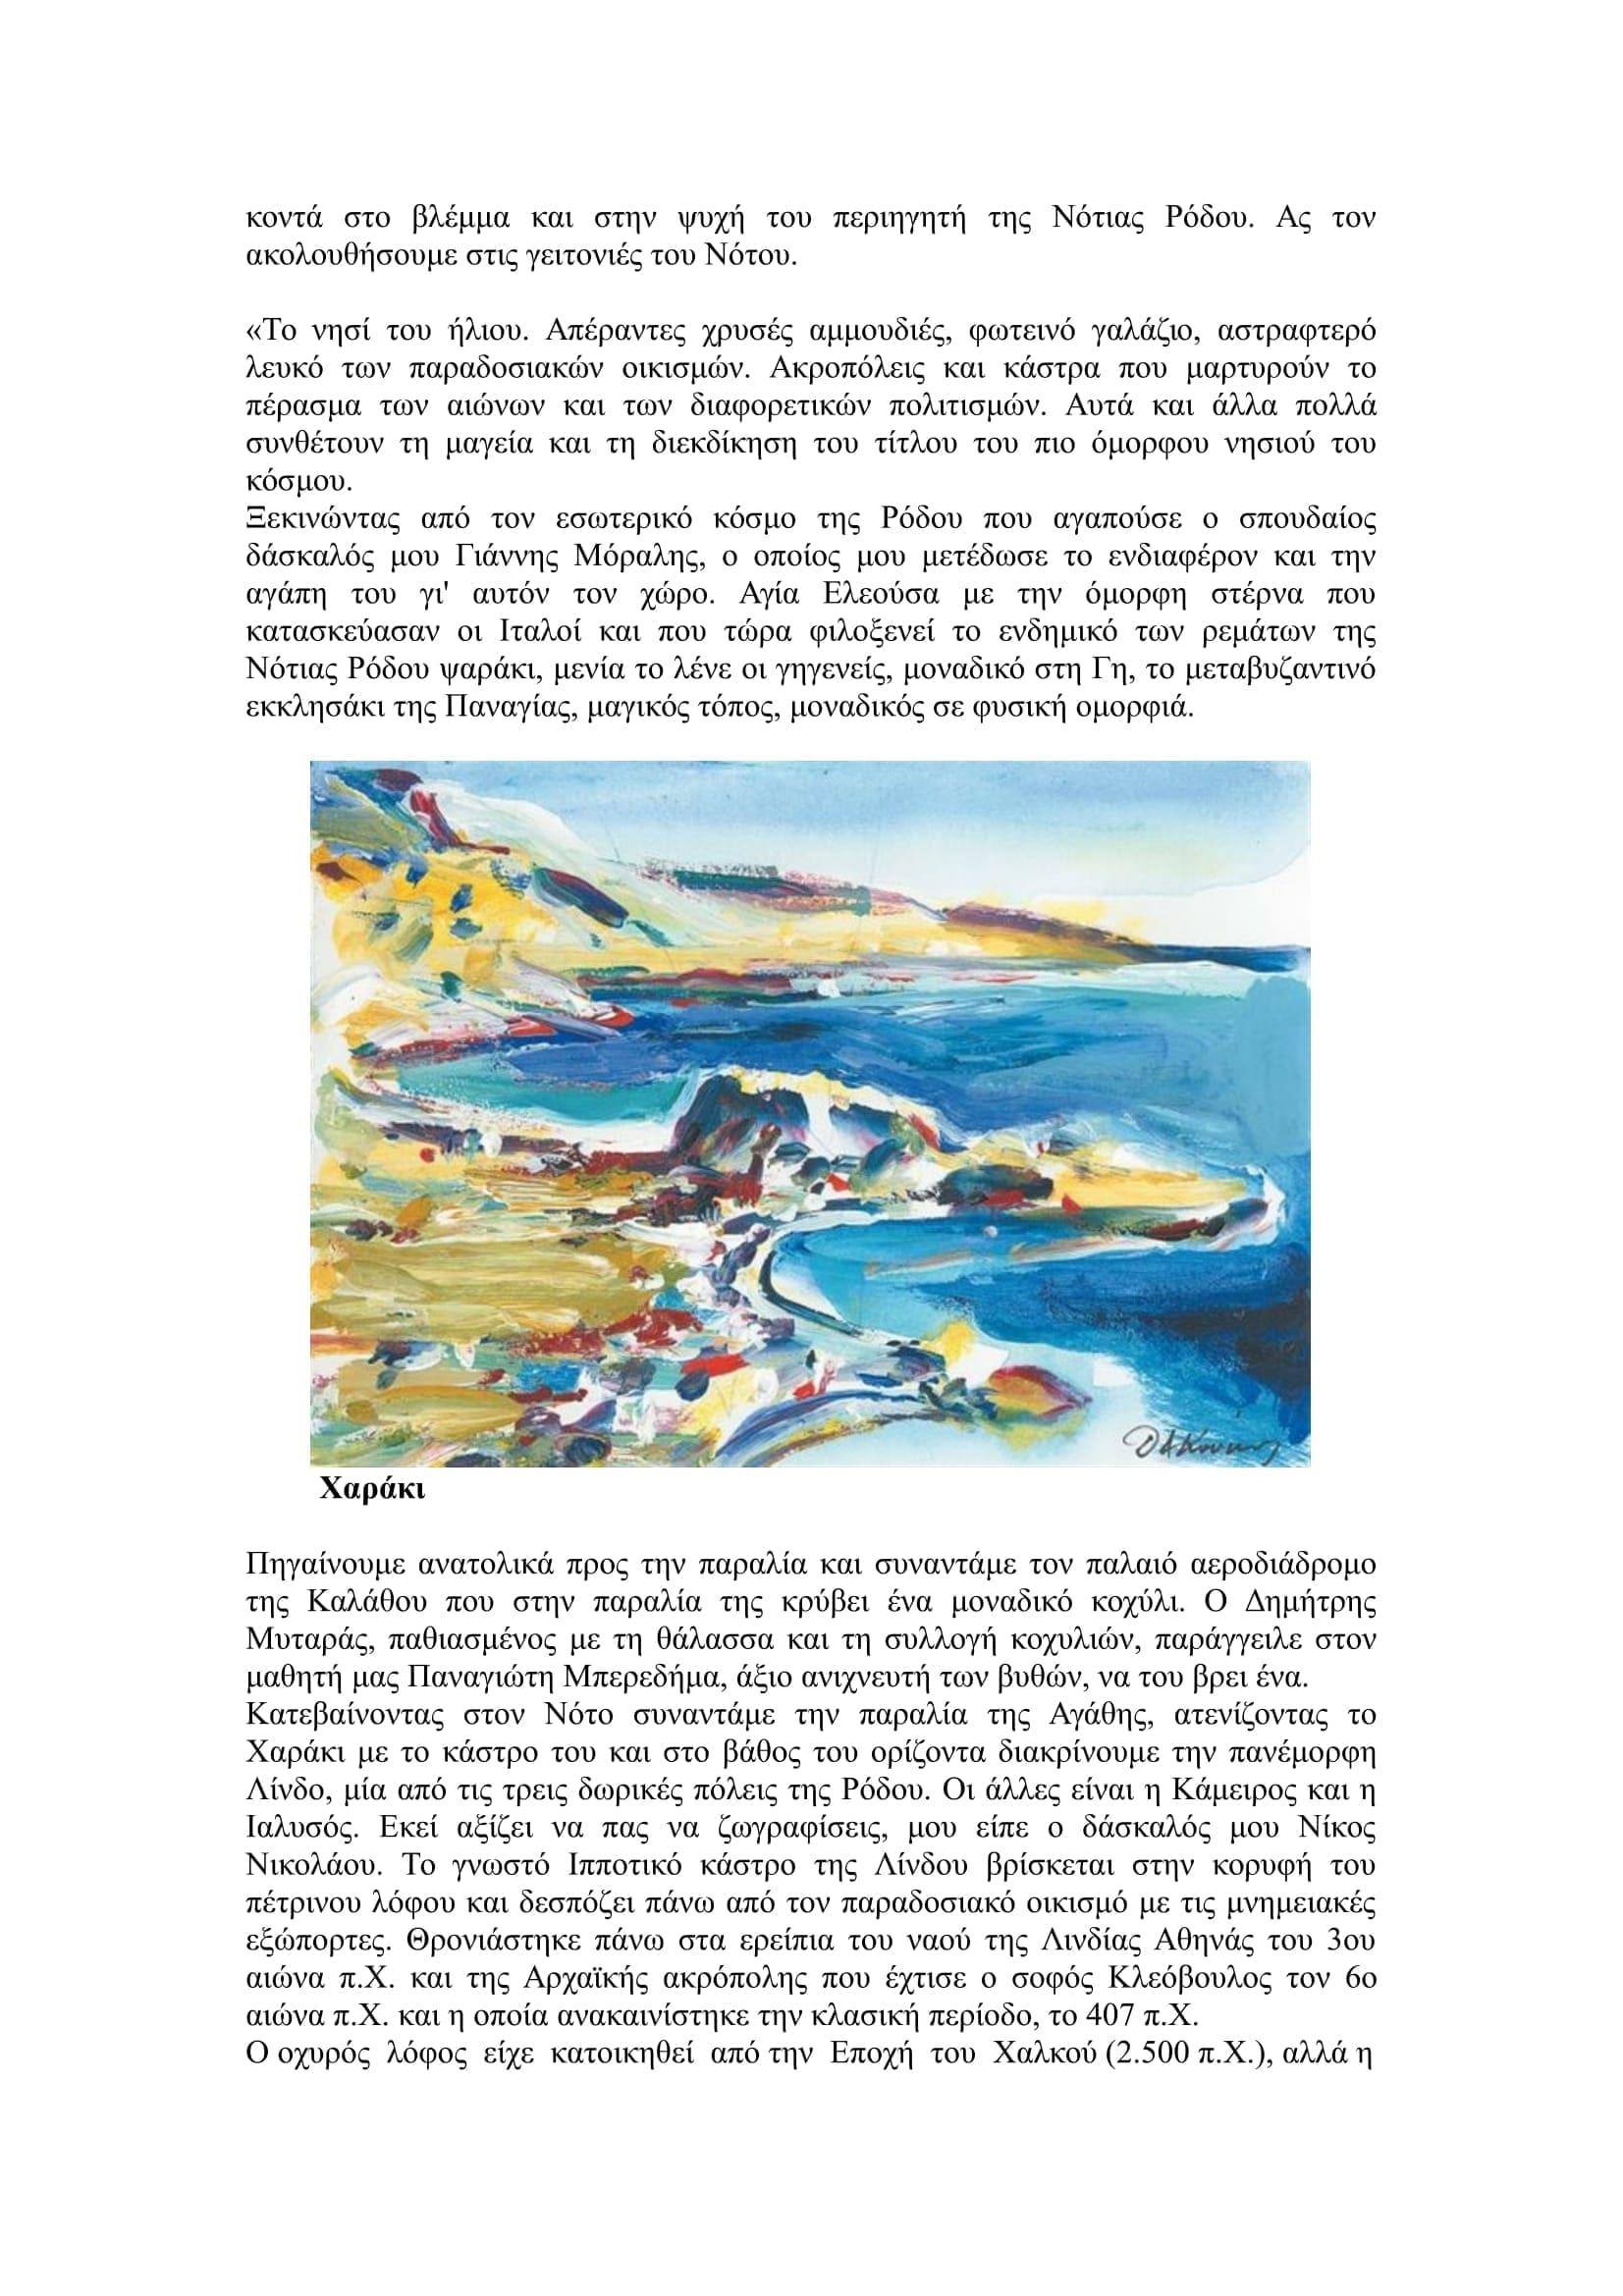 Η ΡΟΔΟΣ ΤΟΥ ΝΟΤΟΥ ΚΑΙ ΤΟΥ ΔΗΜΗΤΡΗ ΚΟΥΚΟΥ-2